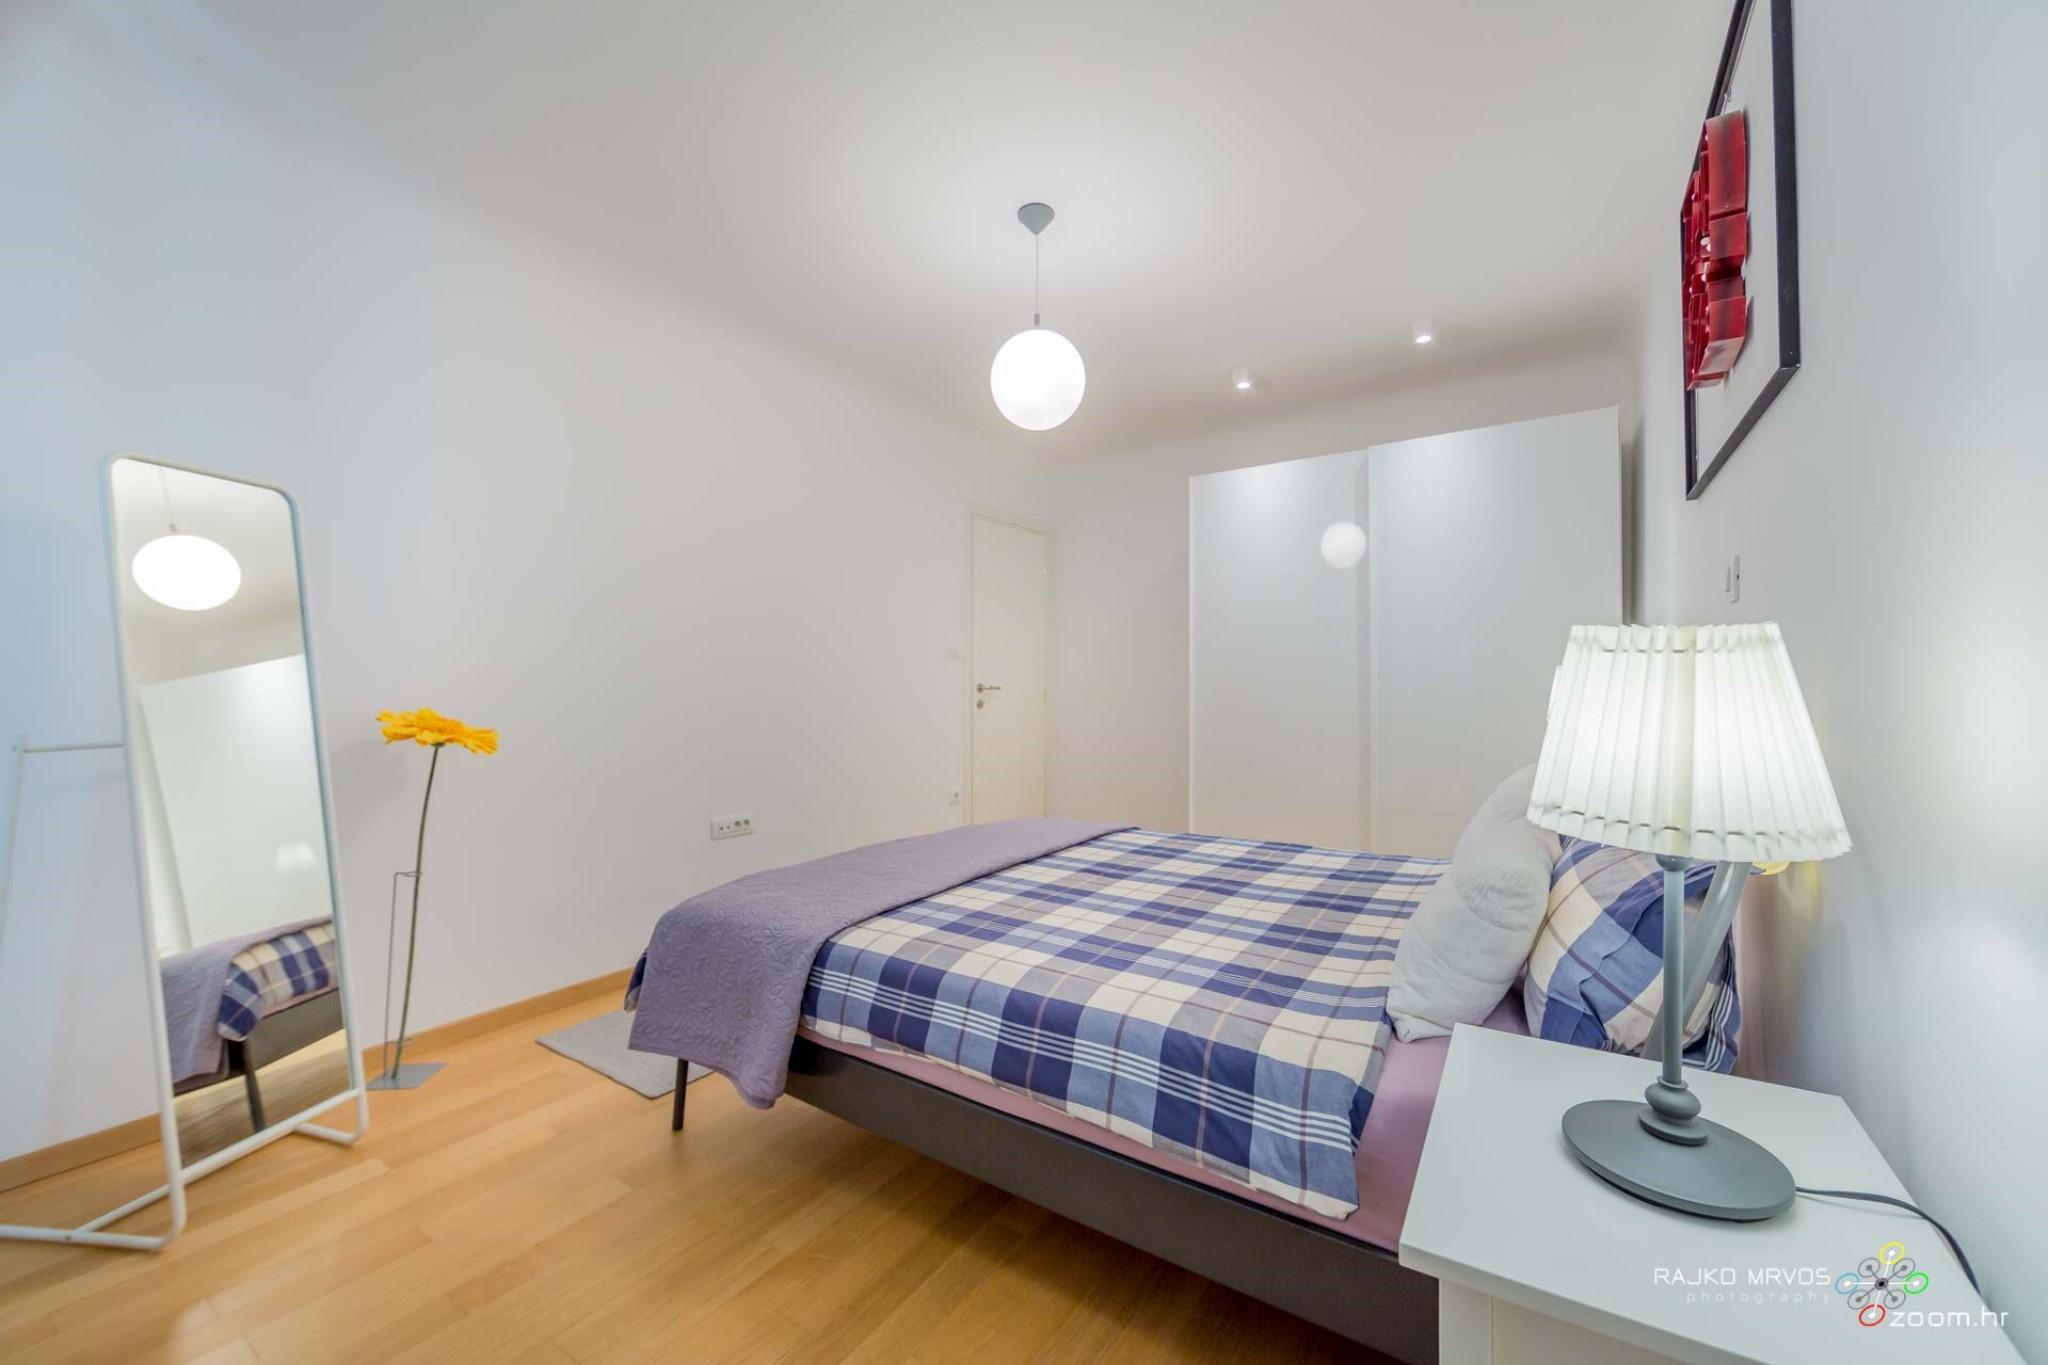 fotograf-interijera-fotograf-eksterijera-slikanje-apartmana-Central-Rijeka-Apartments-17